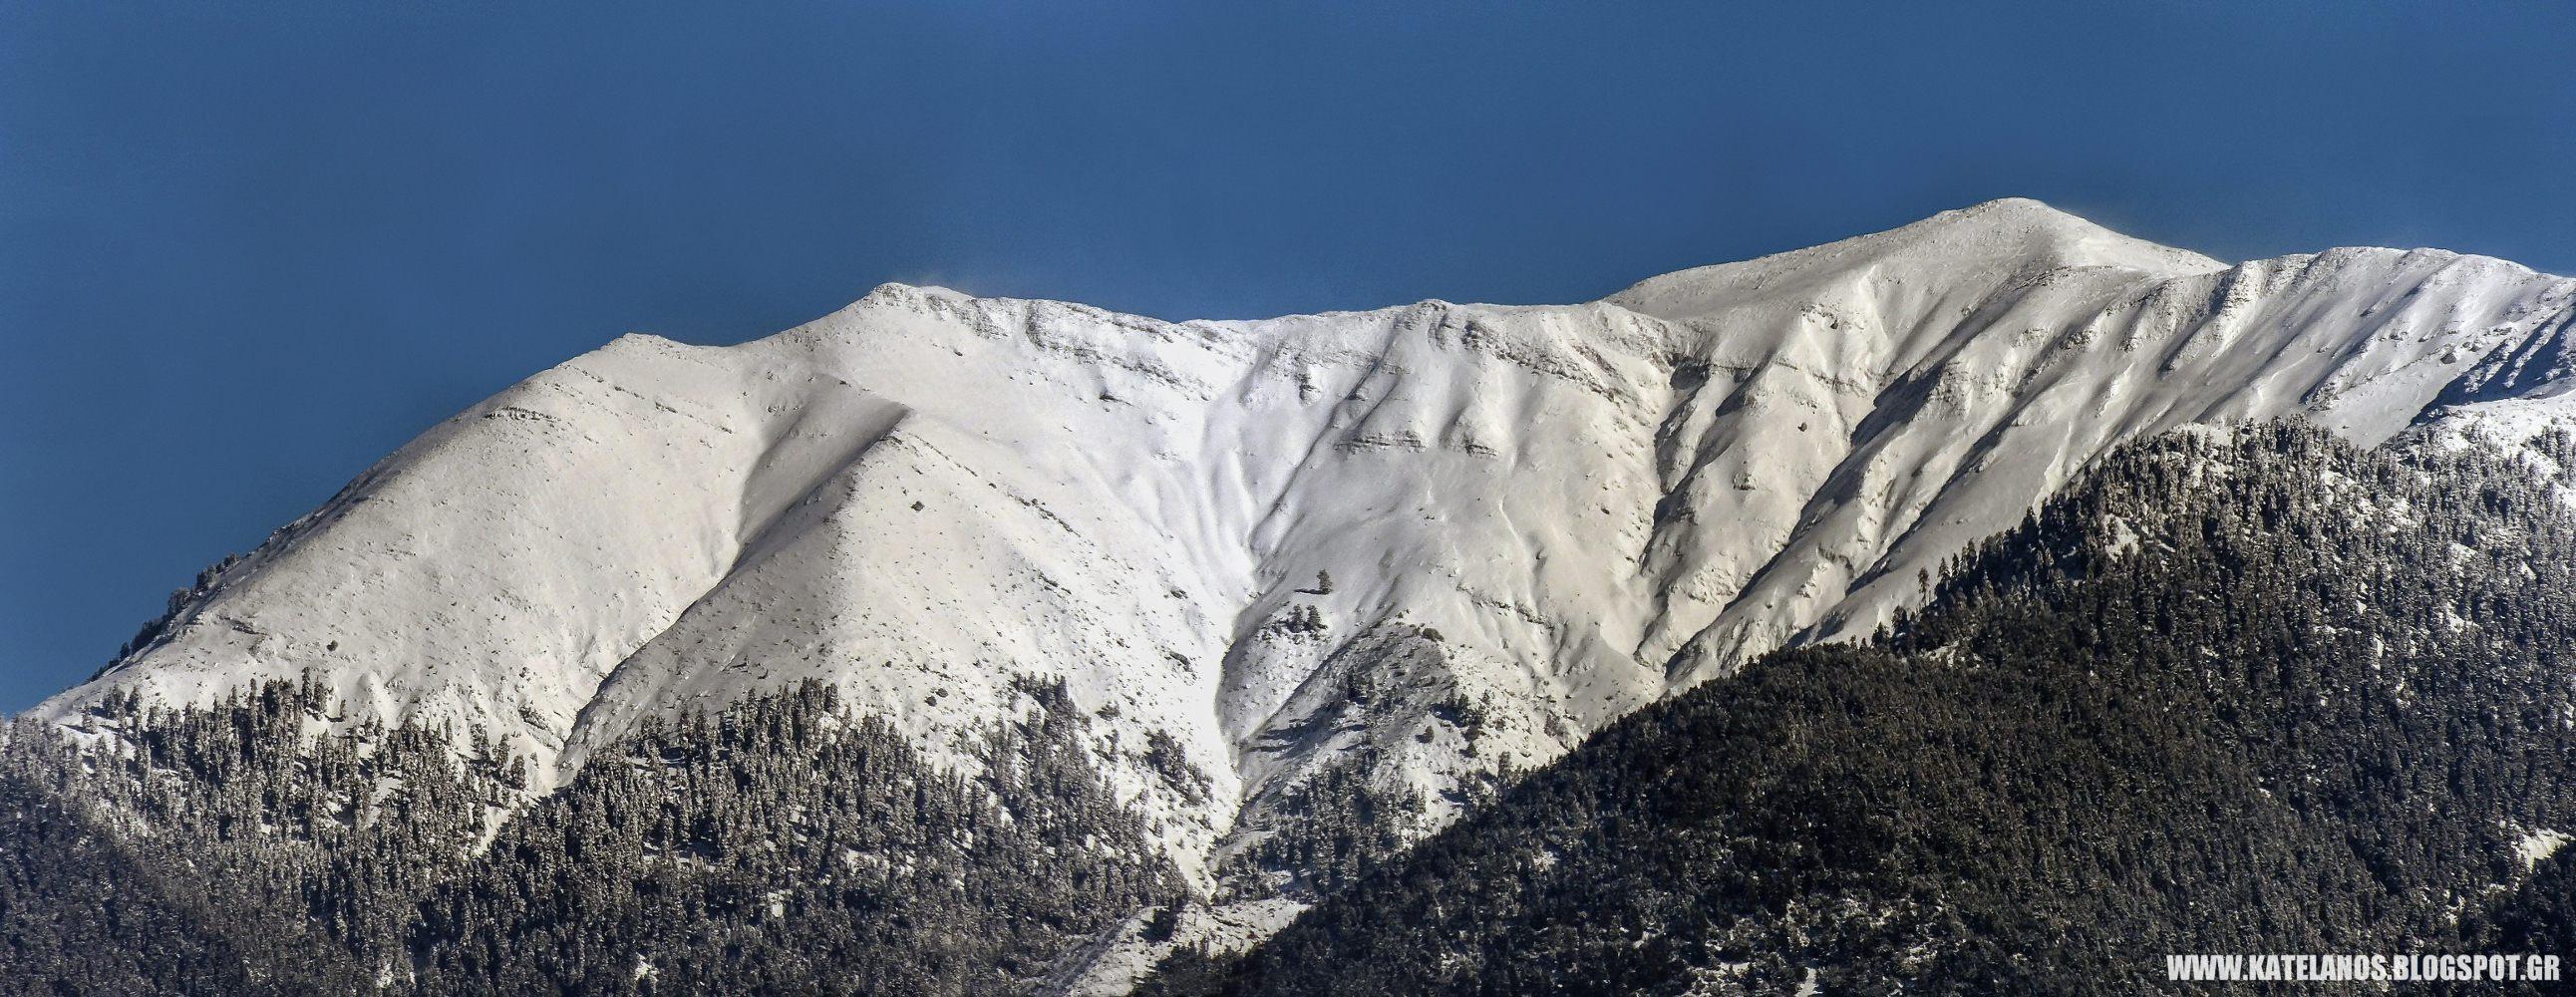 κατελανος παναιτωλικου ορους χιονια